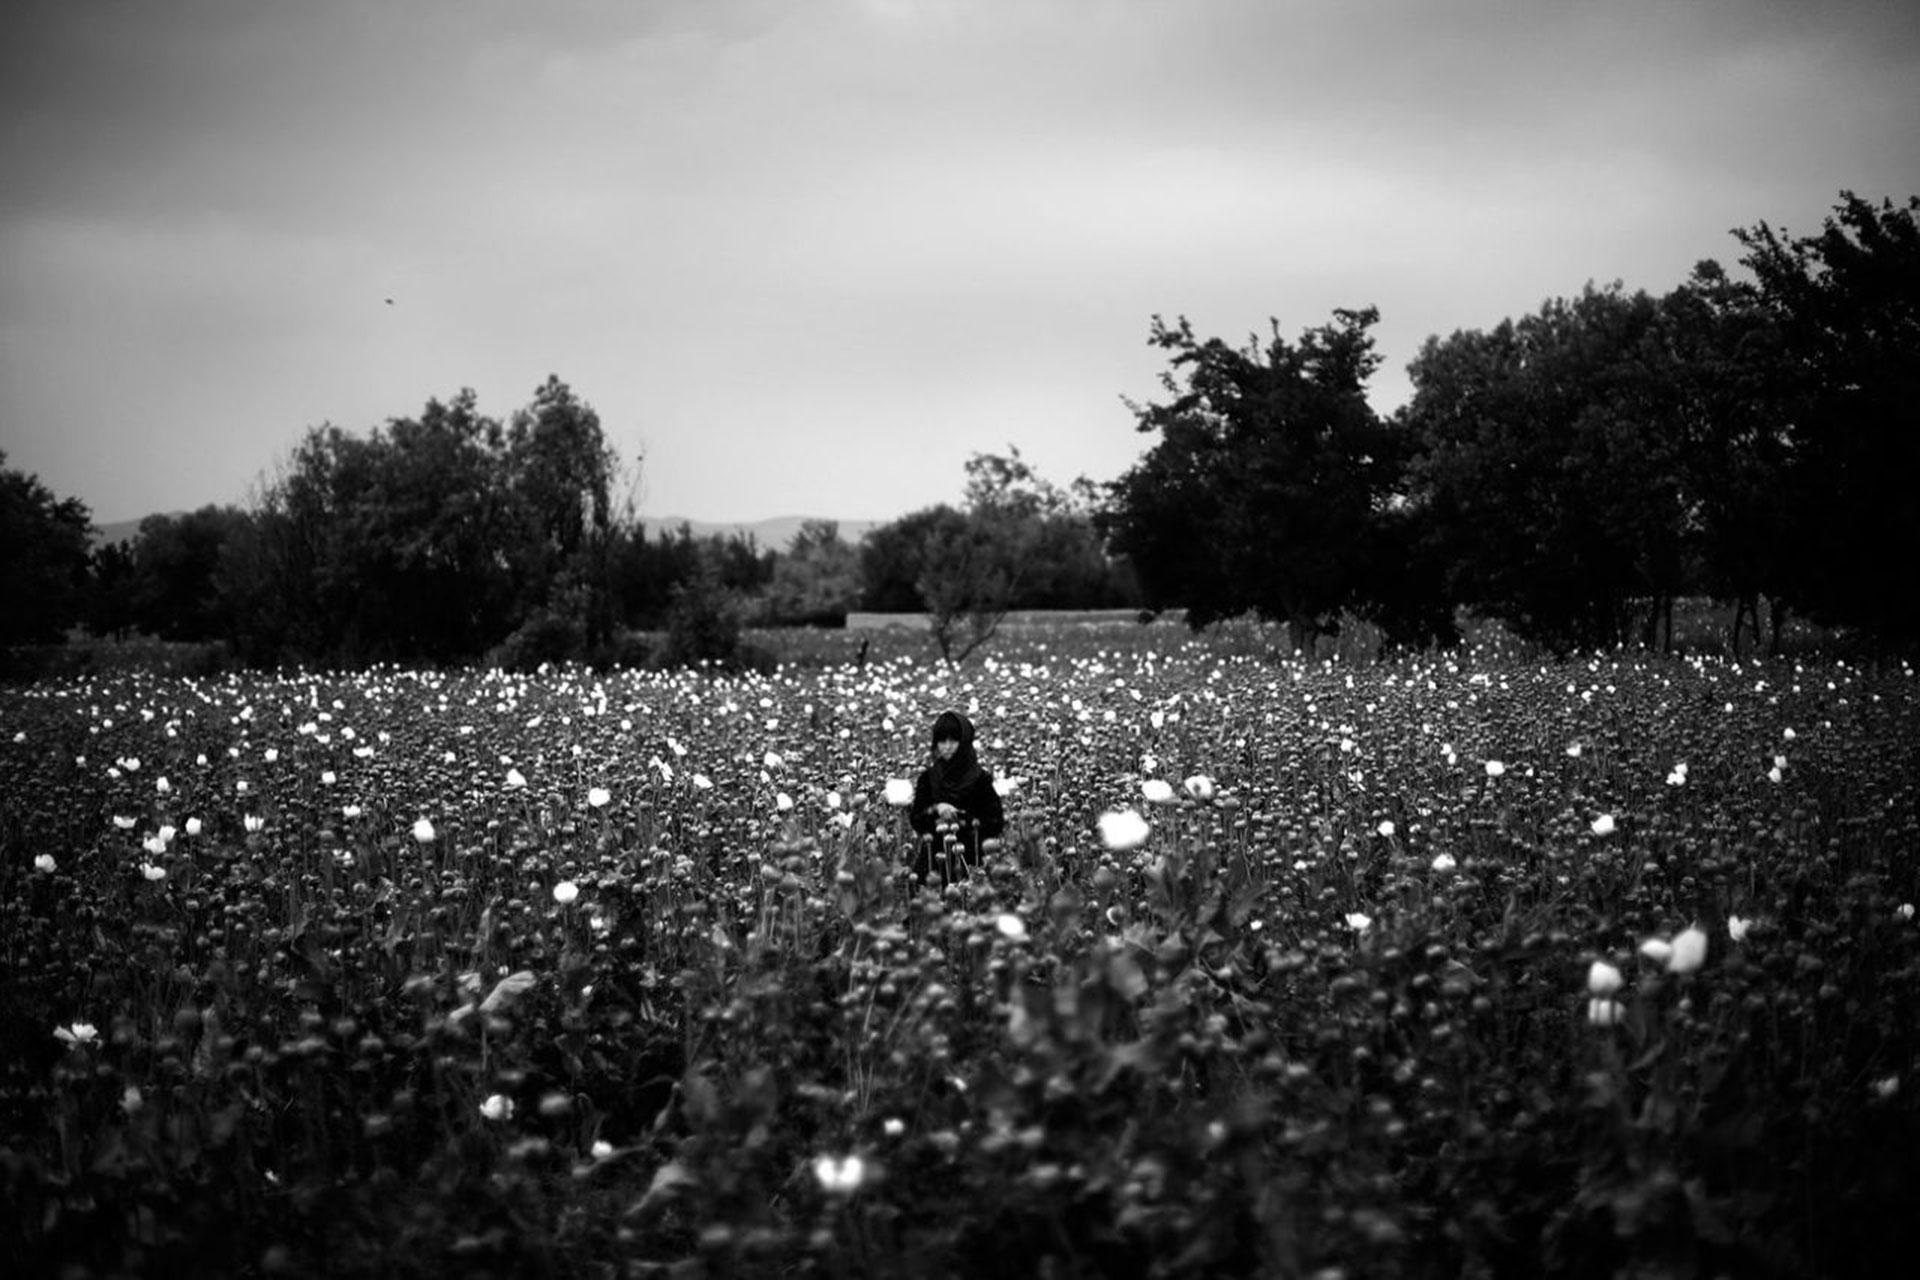 Una niña en medio de un campo de amapolas en medio de Afganistán (2011)